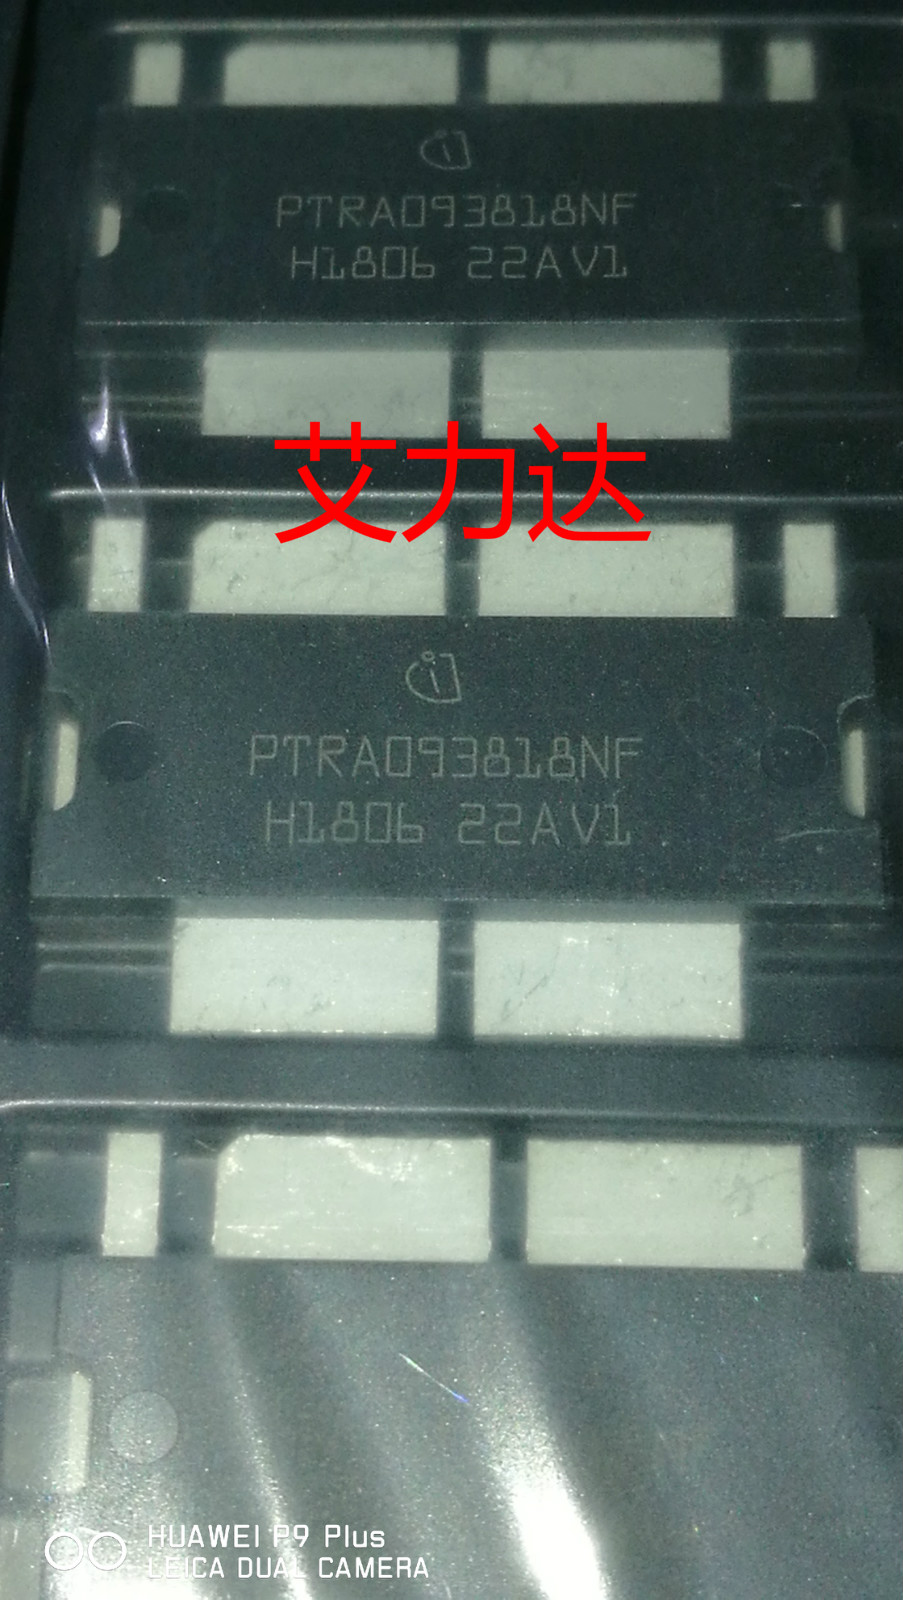 を freeshipping PTRA093818NF に特化高周波チューブ -